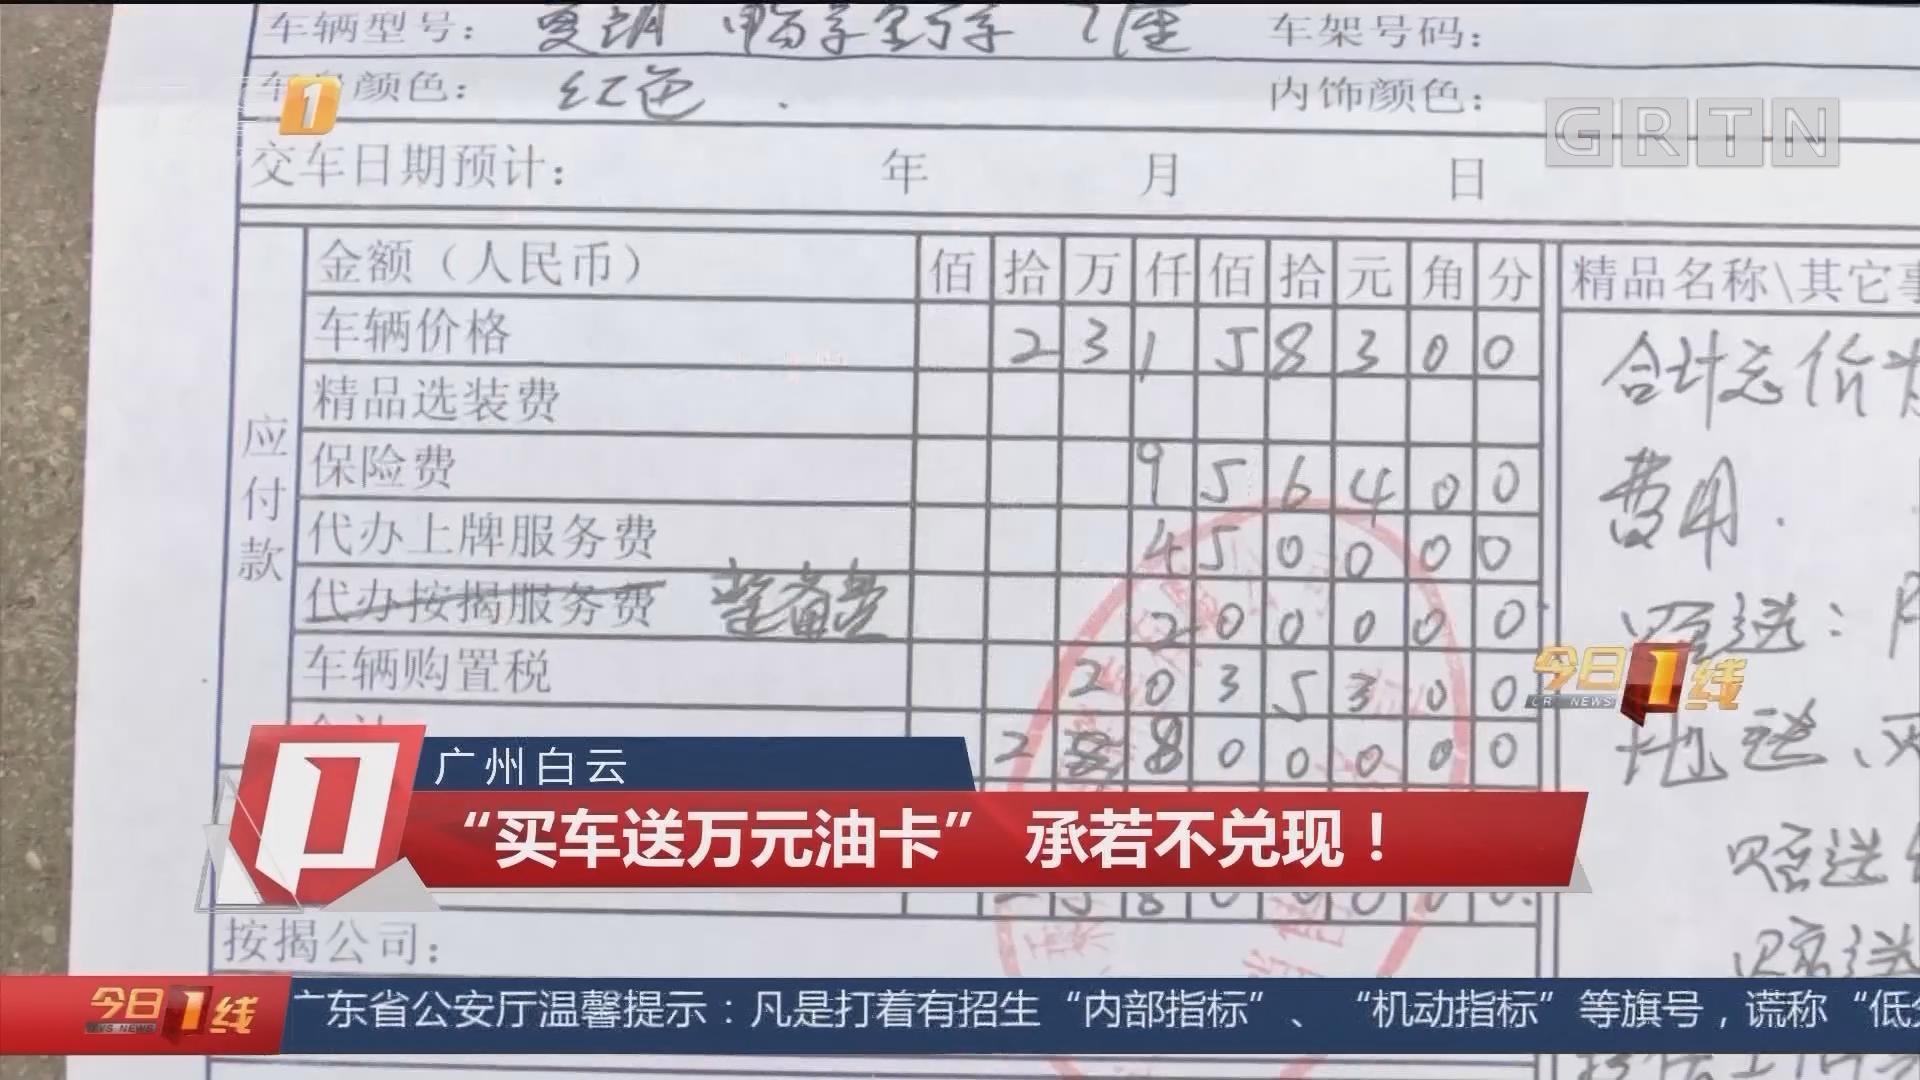 """廣州白云:""""買車送萬元油卡"""" 承諾不兌現!"""